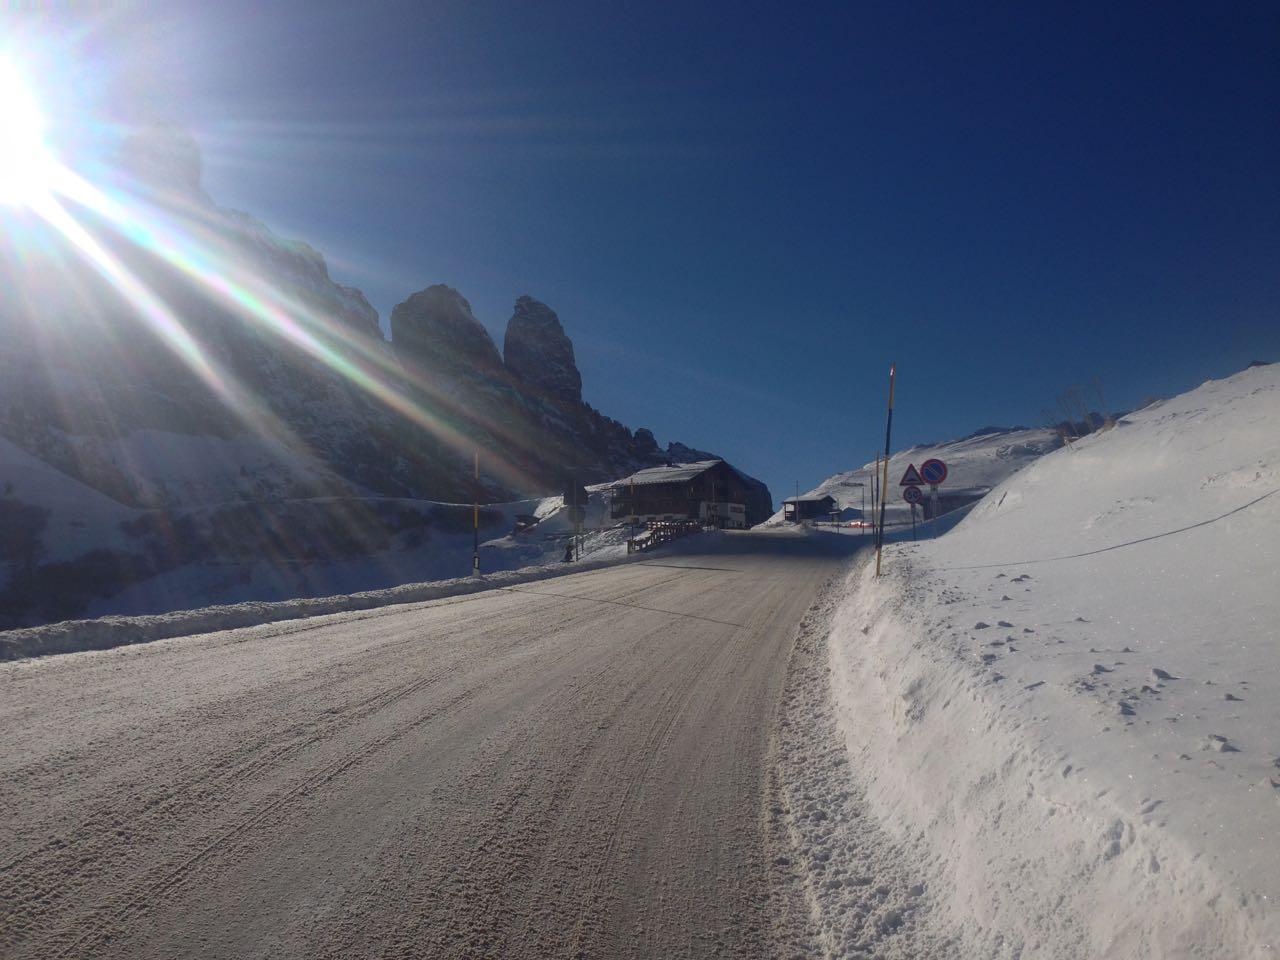 Winterradtour Grödnerjoch: Finale